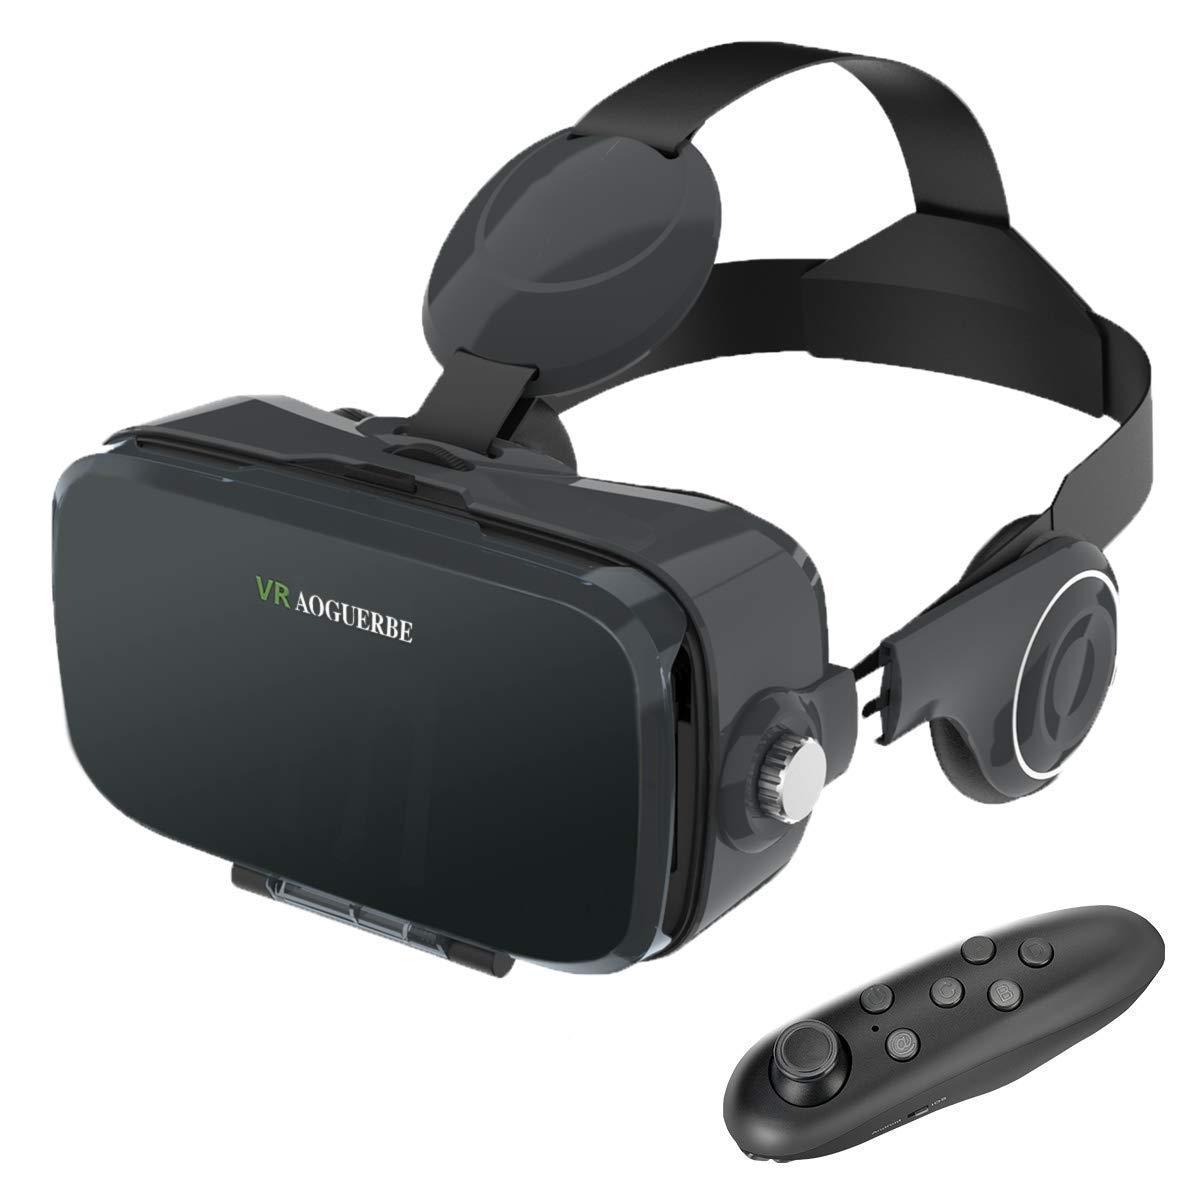 19e392e6090 Amazon.com  AOGUERBE VR Headset